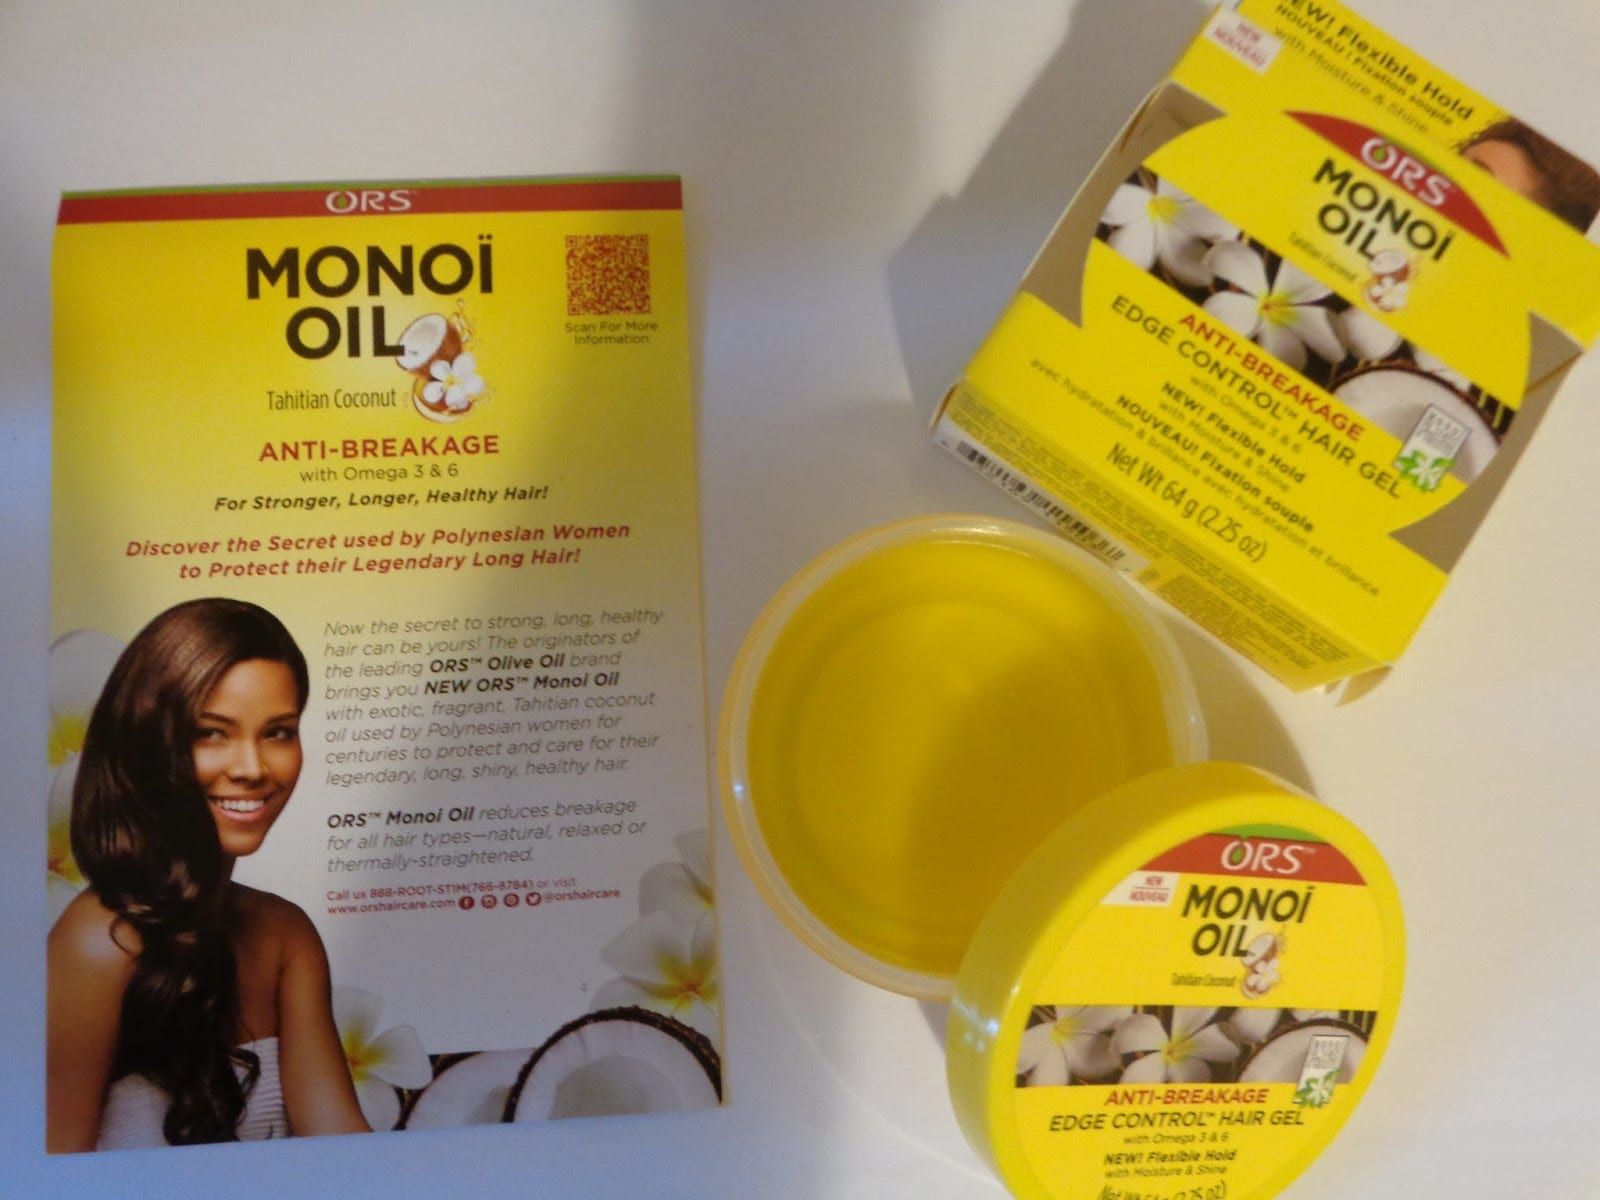 monoi-oil-ors